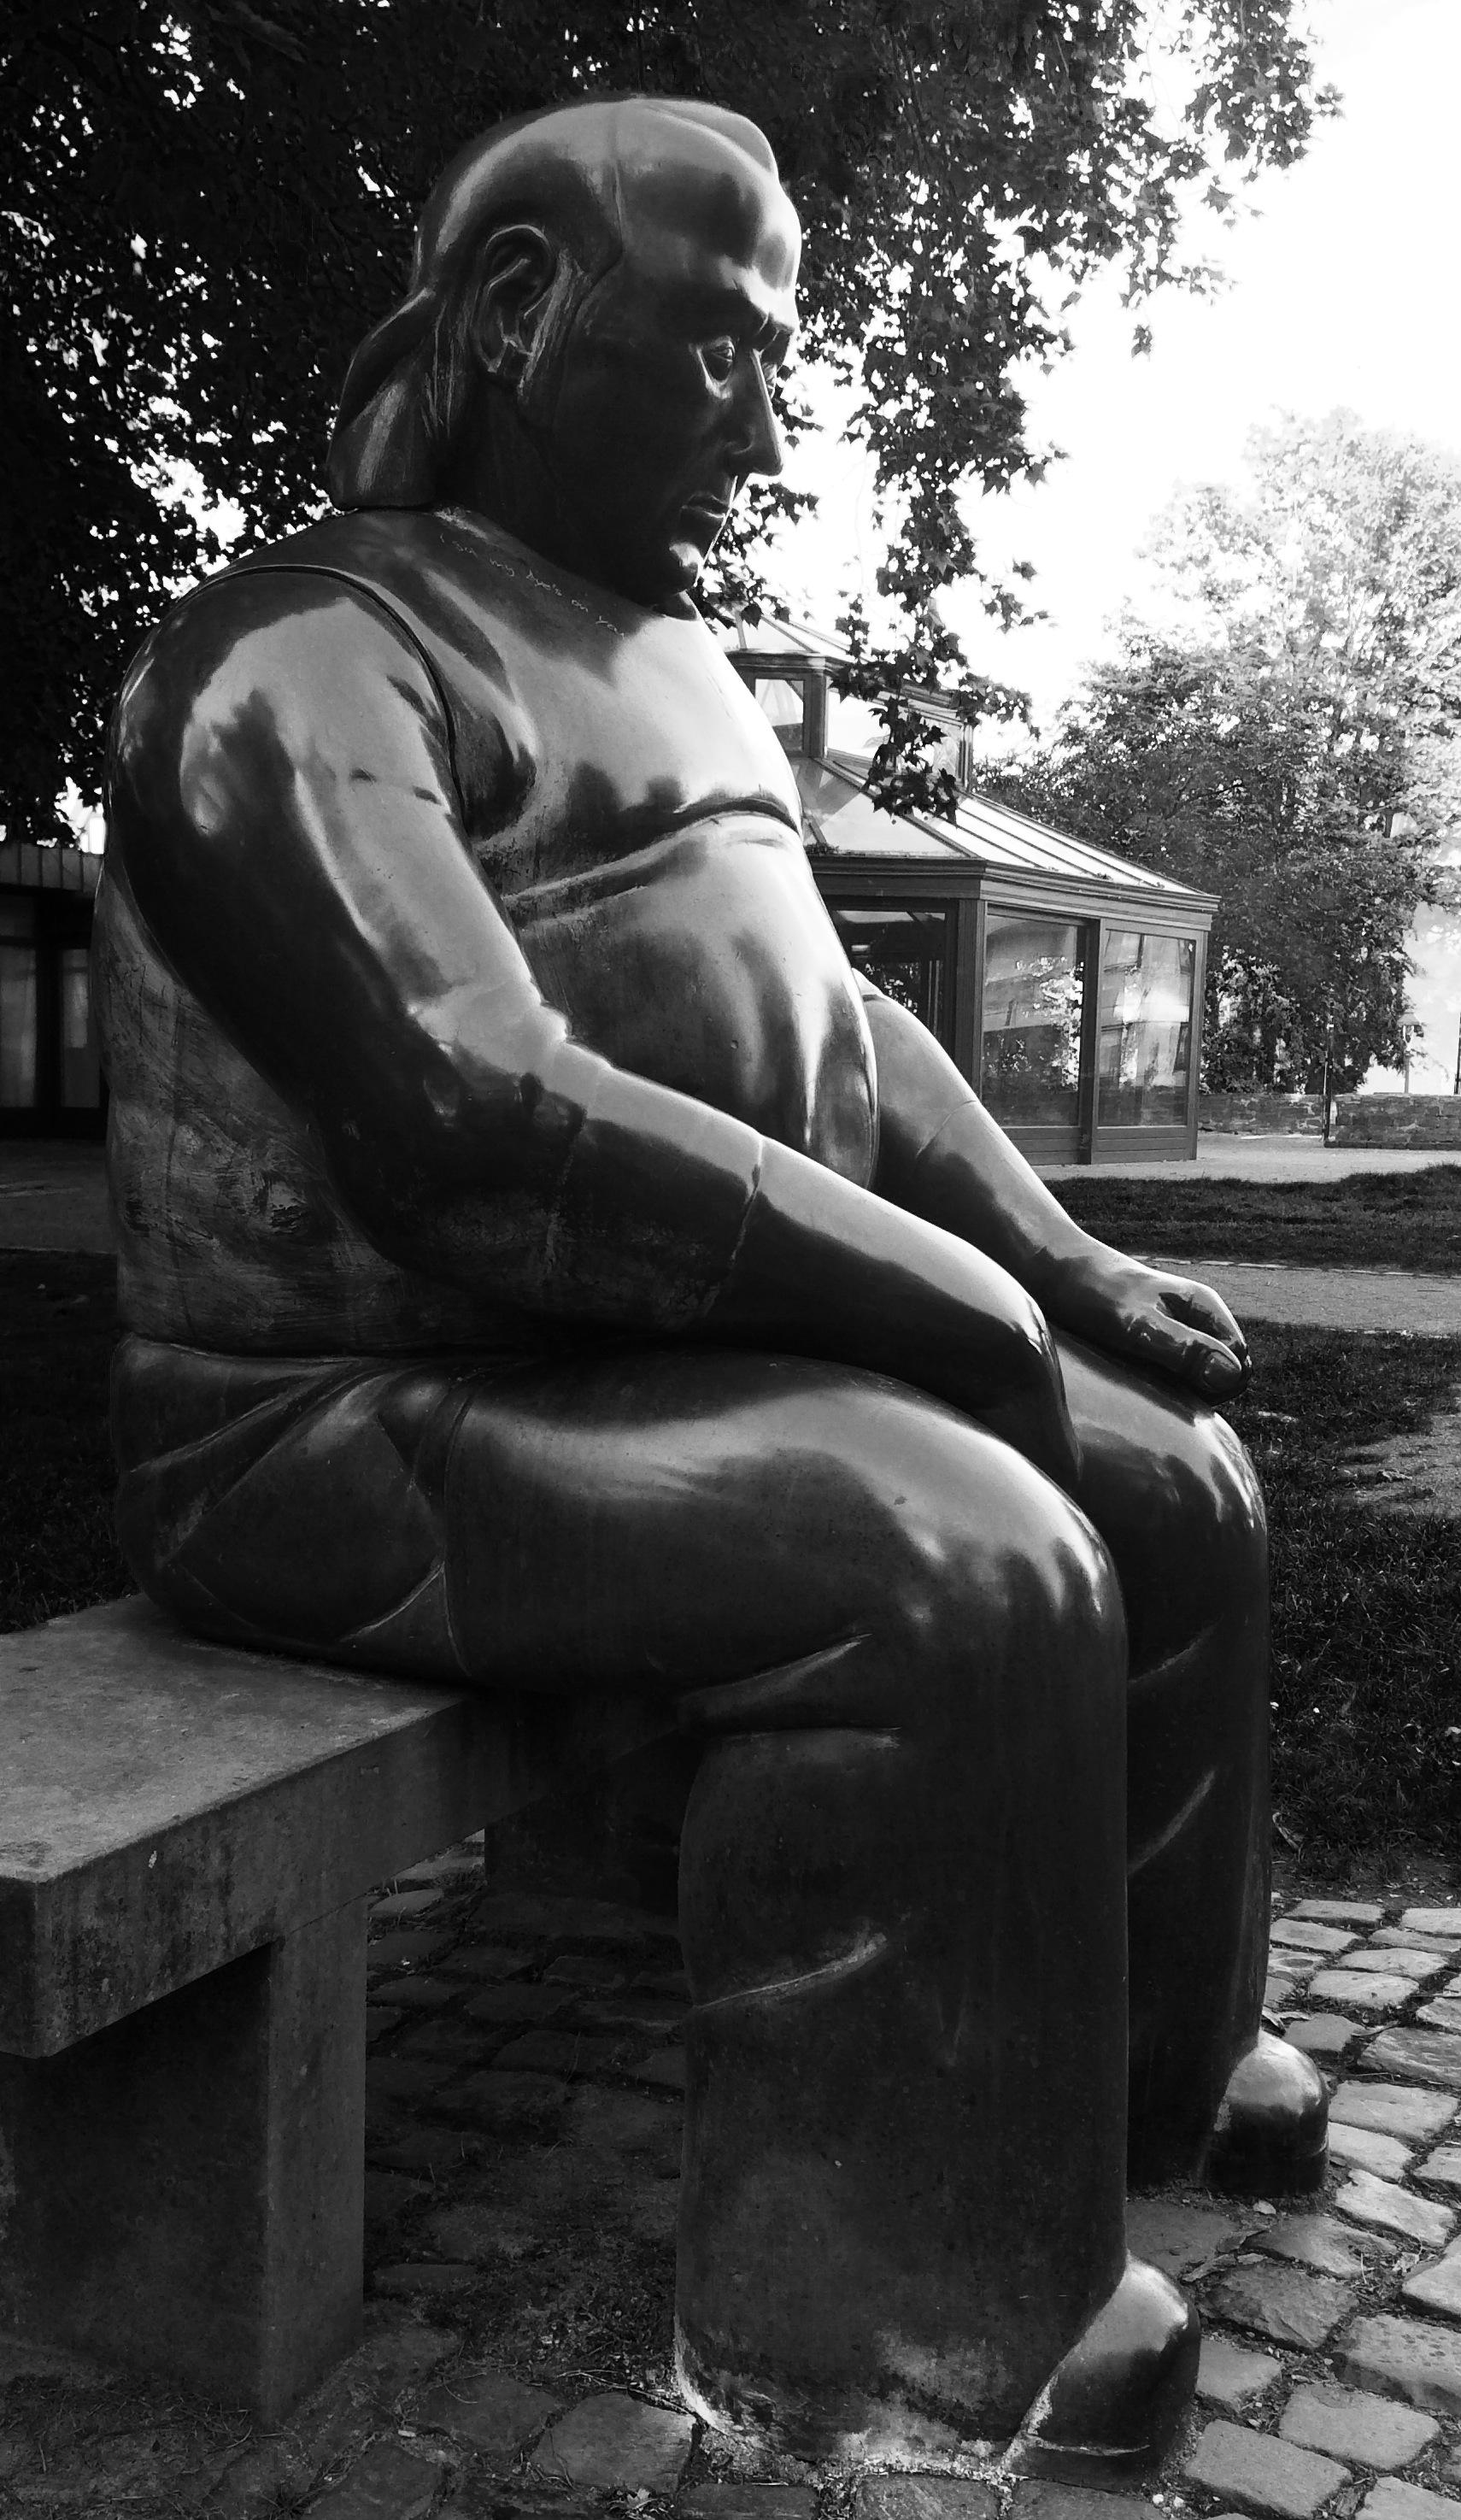 Altstadt von Soest mit Bronzefigur im Park